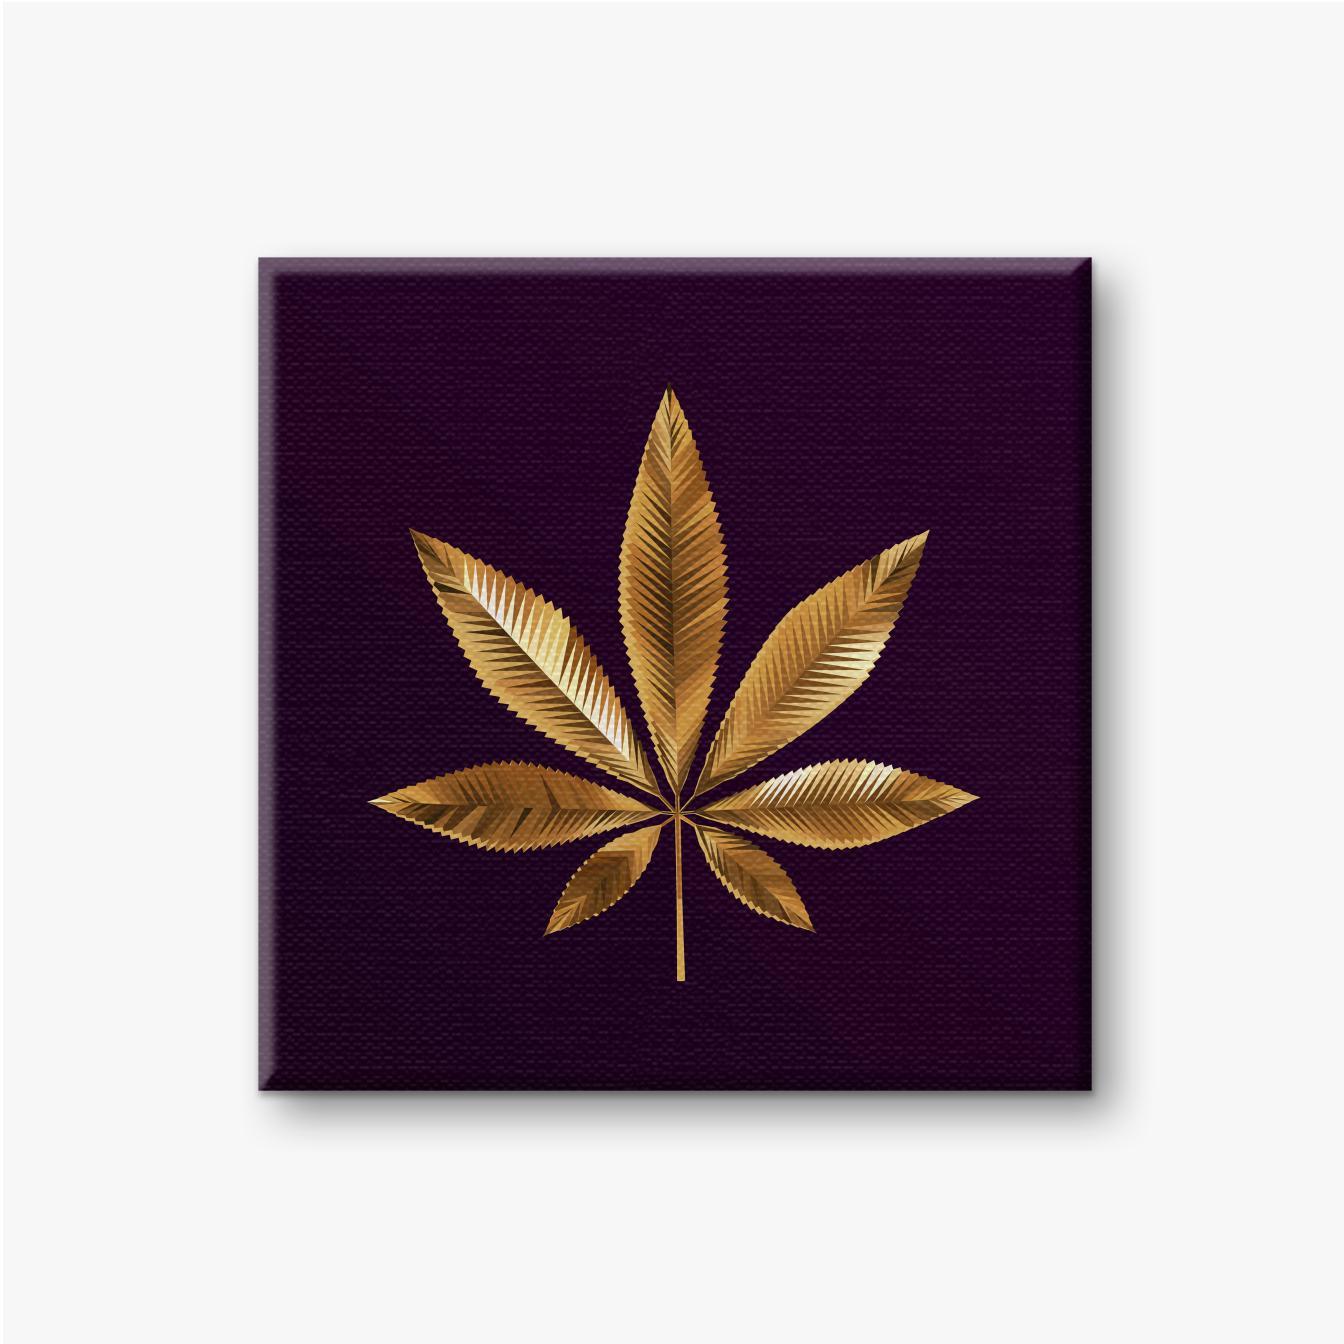 Gold Cannabisblatt auf dunkelviolettem Hintergrund